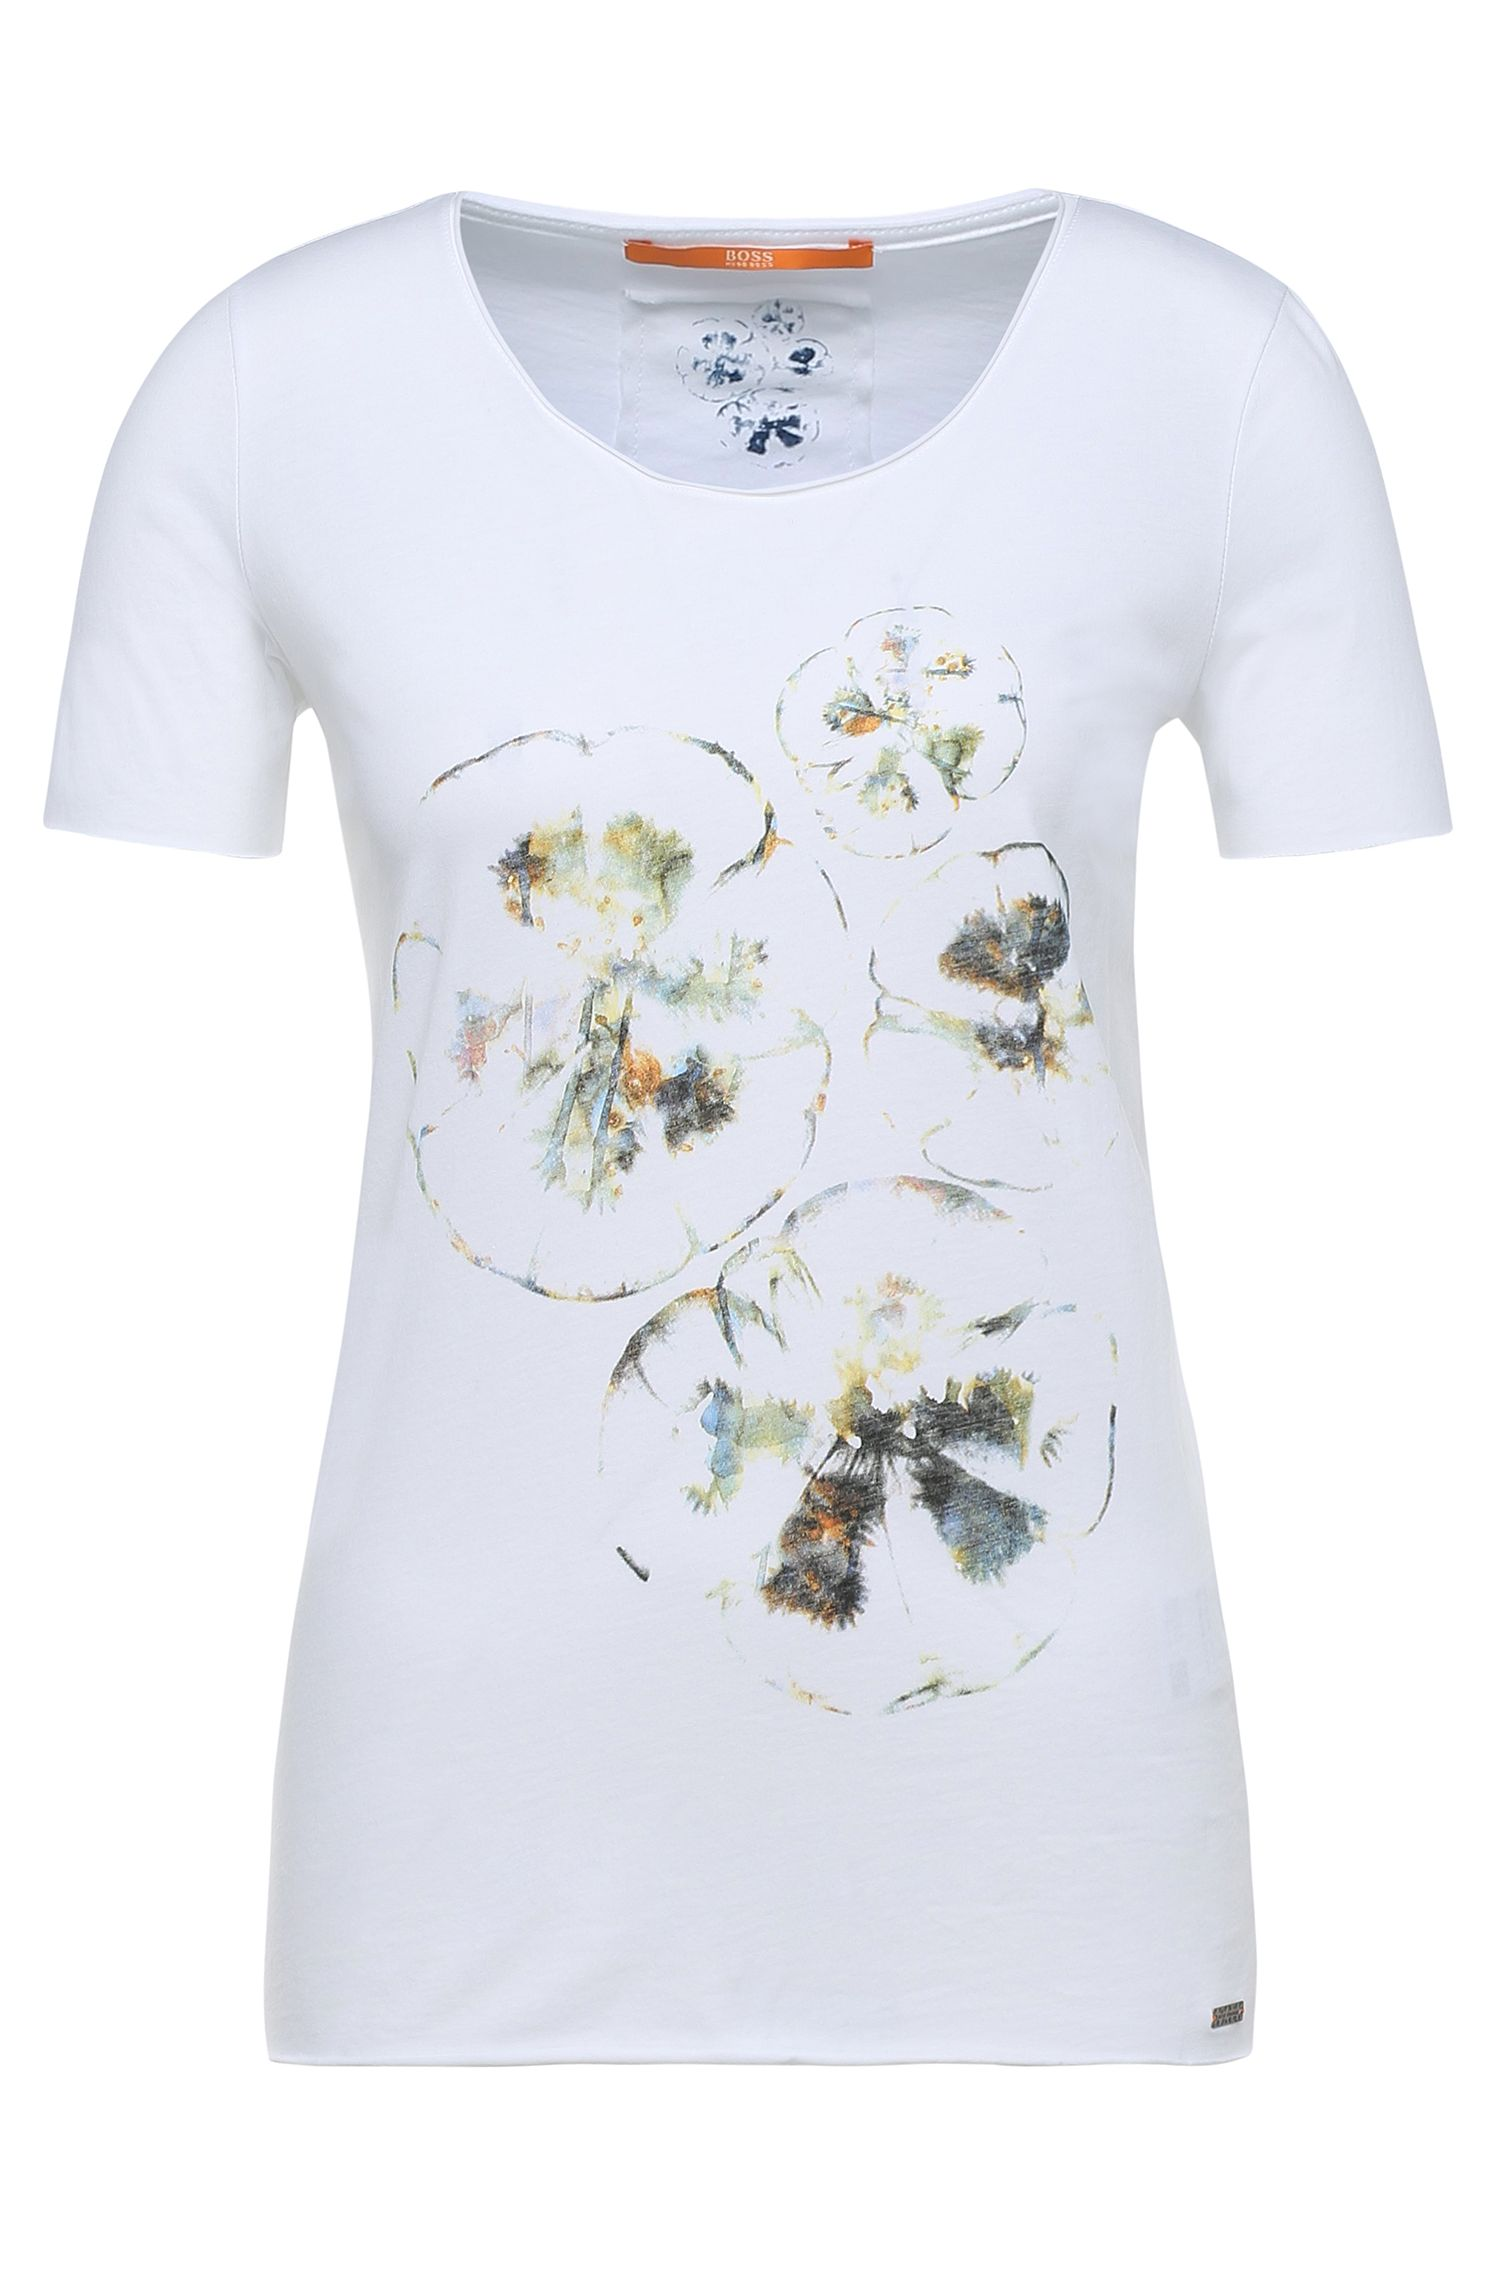 T-shirt Slim Fit en coton imprimé: «Tashirt»